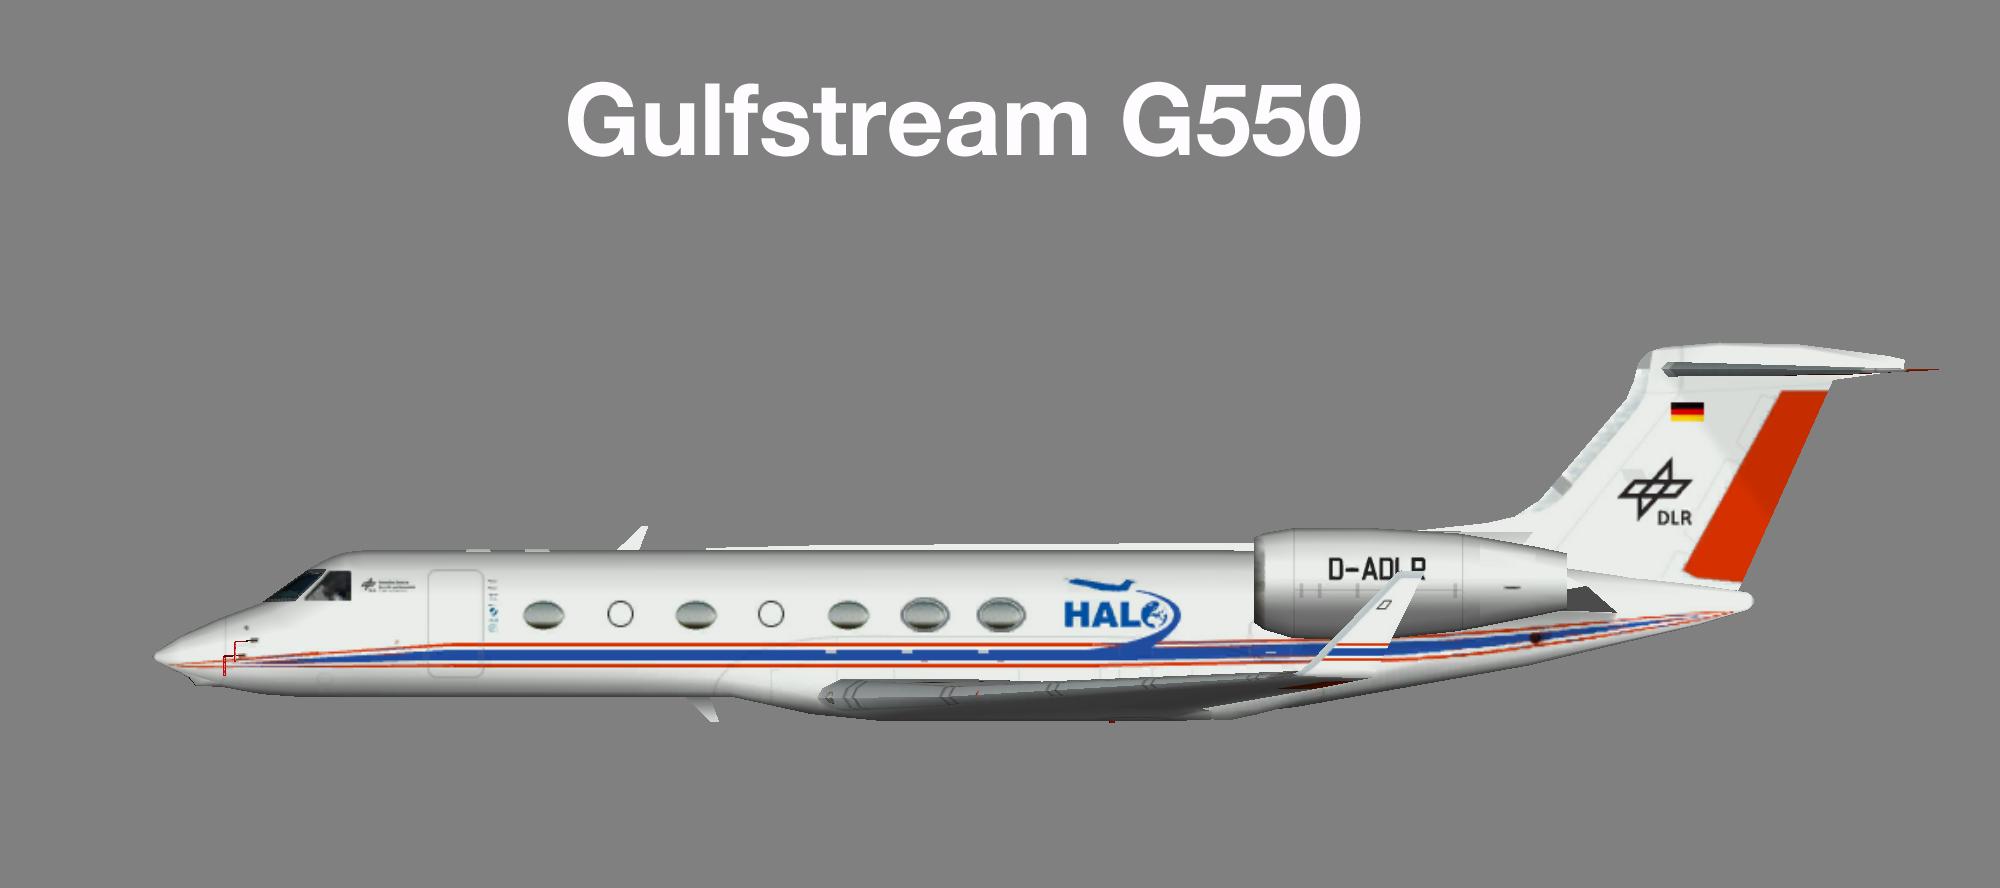 DLR Gulfstream G550